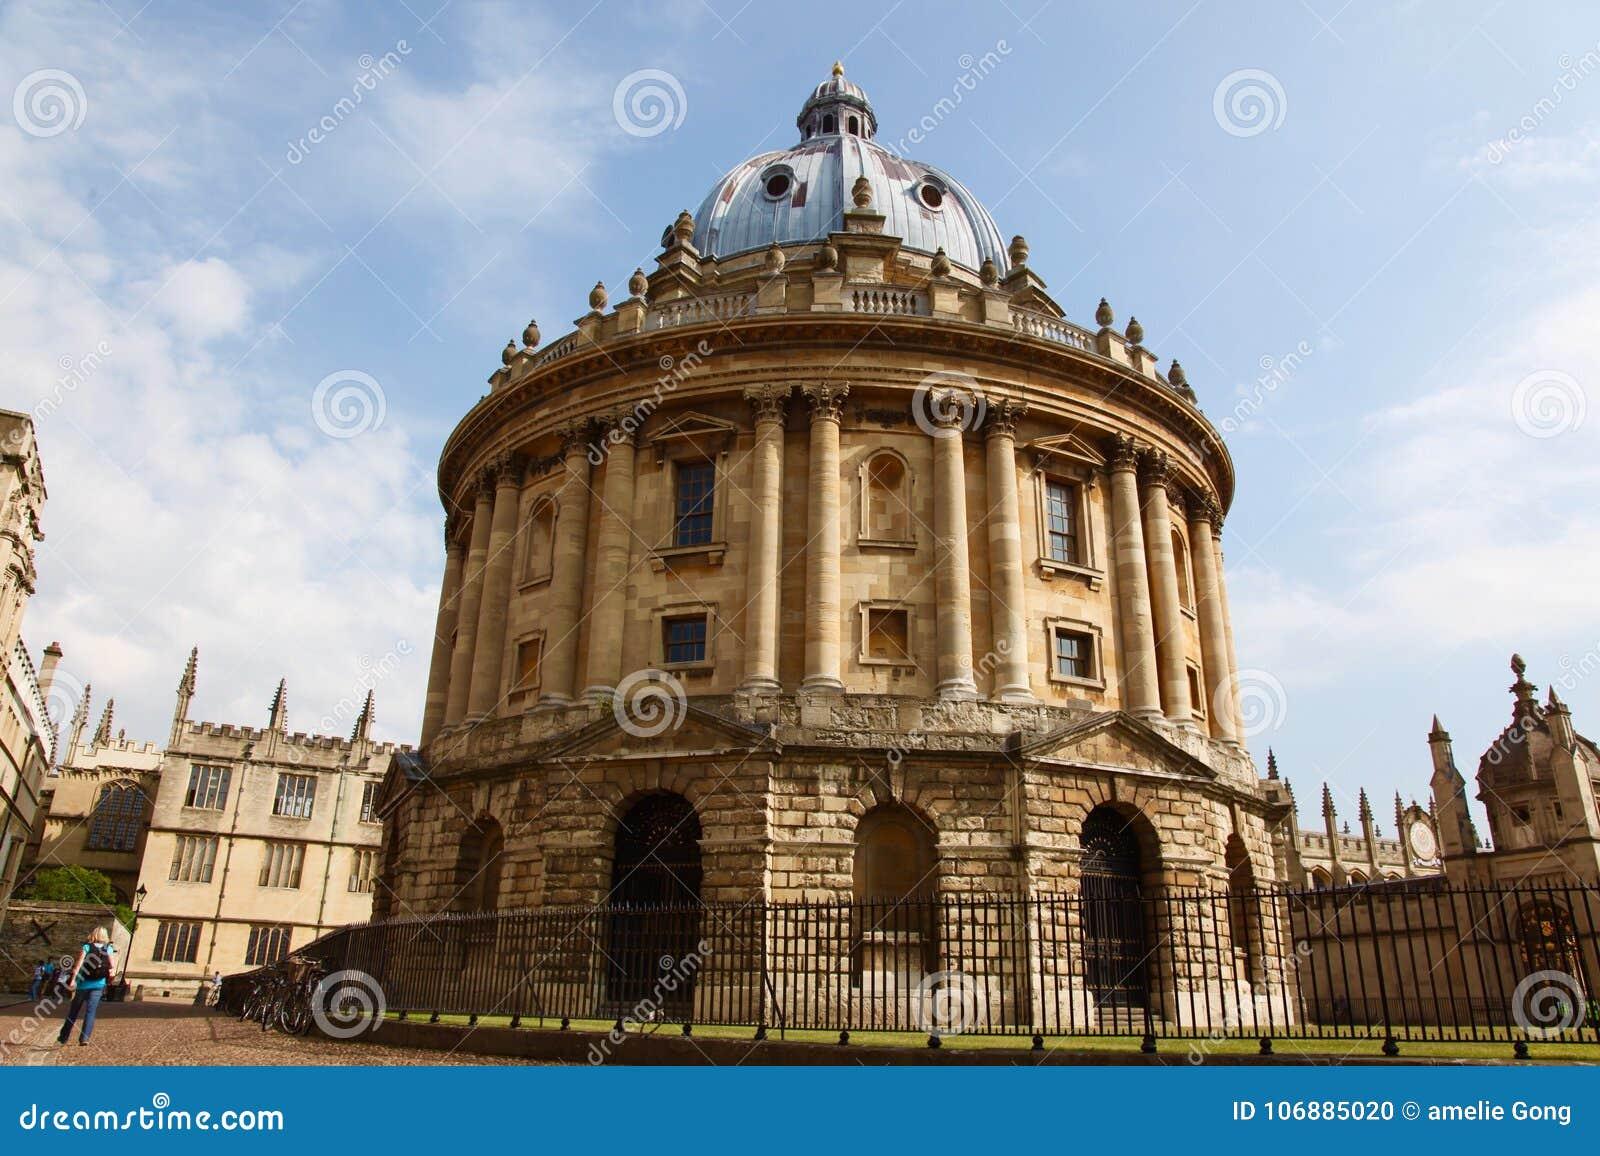 Facoltà teologica nel XV secolo di Oxford